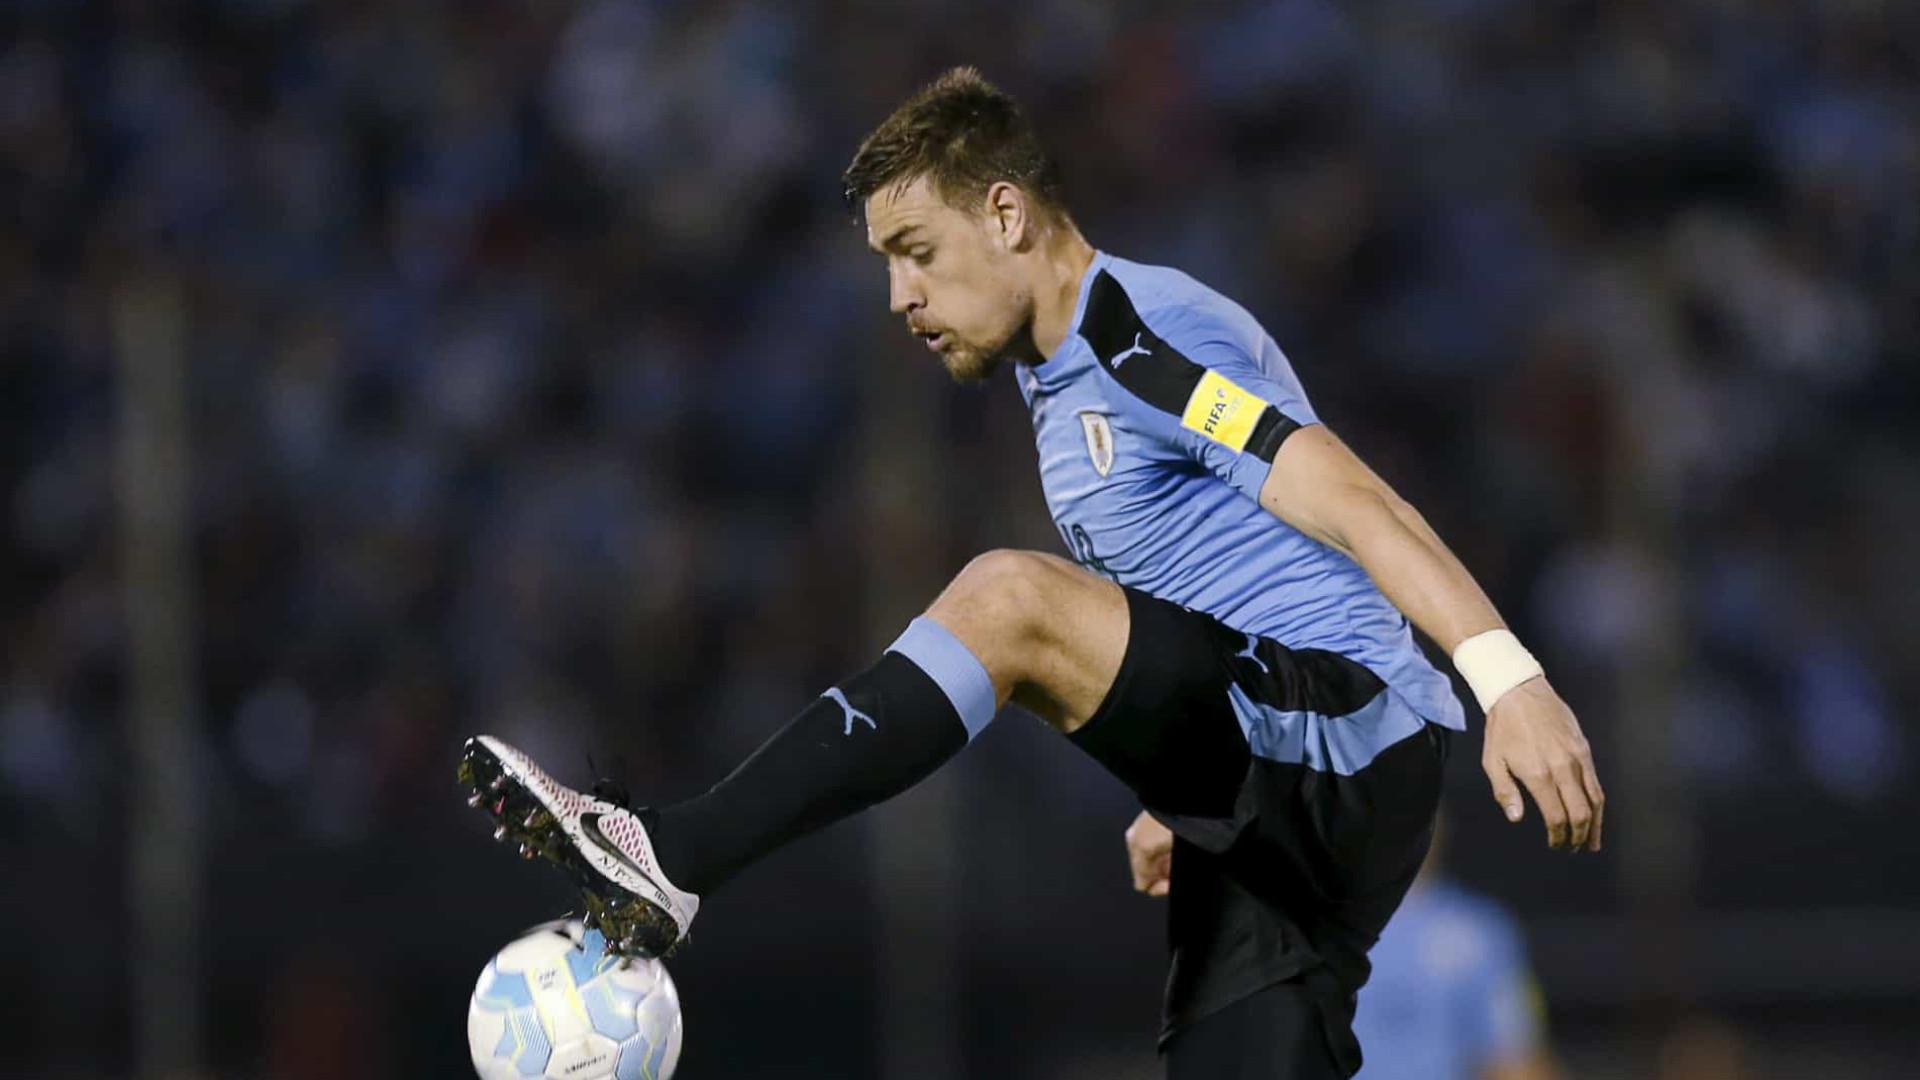 Messi coloca Sporting em sarilhos: Coates saiu do relvado lesionado